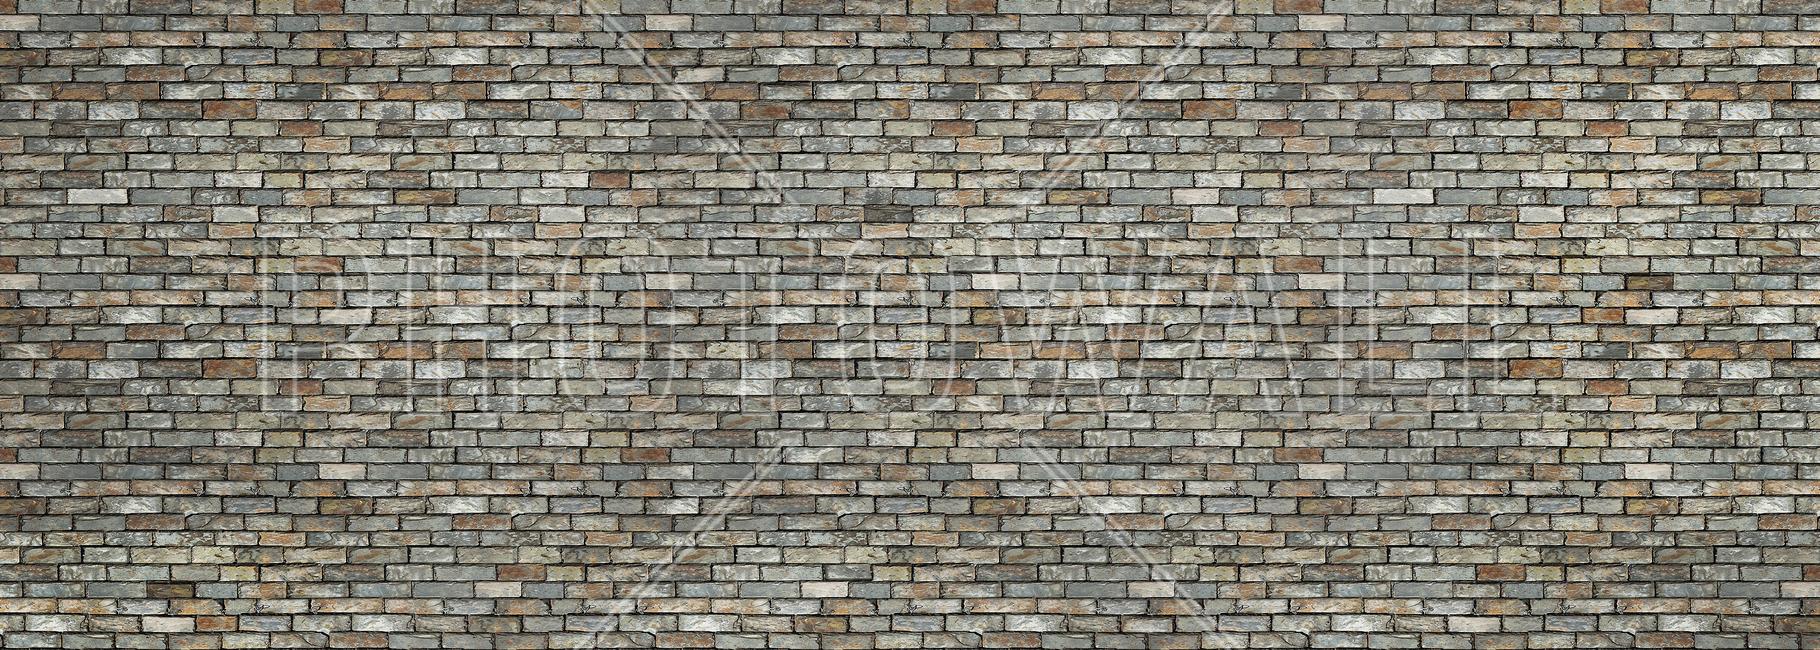 Stone Wall Fototapeter & Tapeter 100 x 100 cm